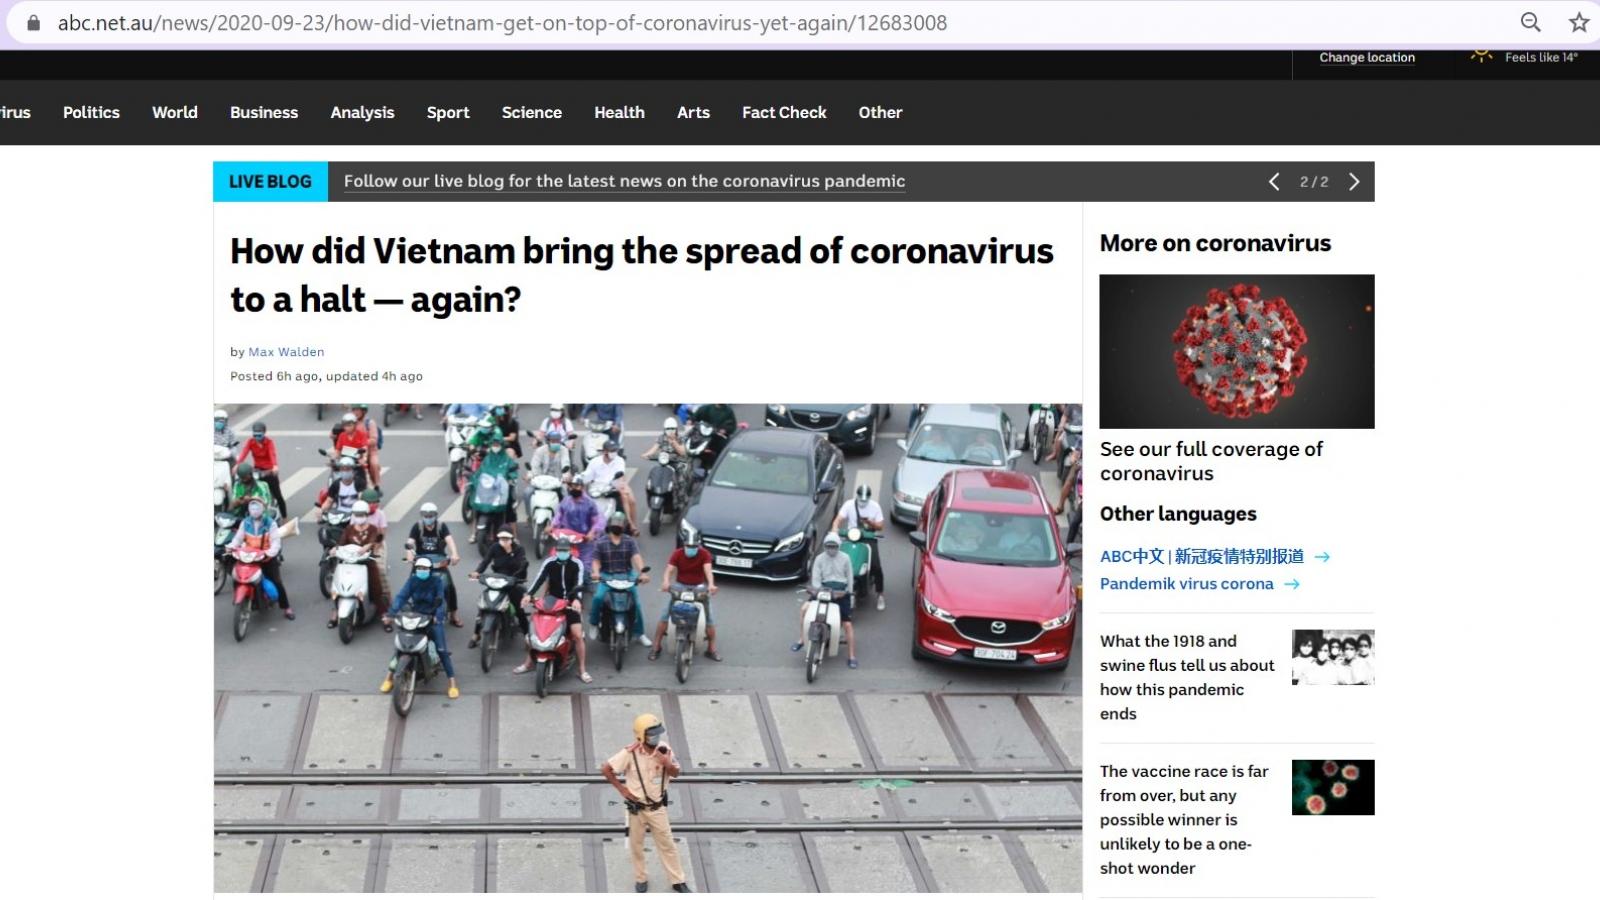 Báo Australia: Việt Nam dập dịch Covid-19 lần 2 nhanh, hiệu quả và không tốn kém